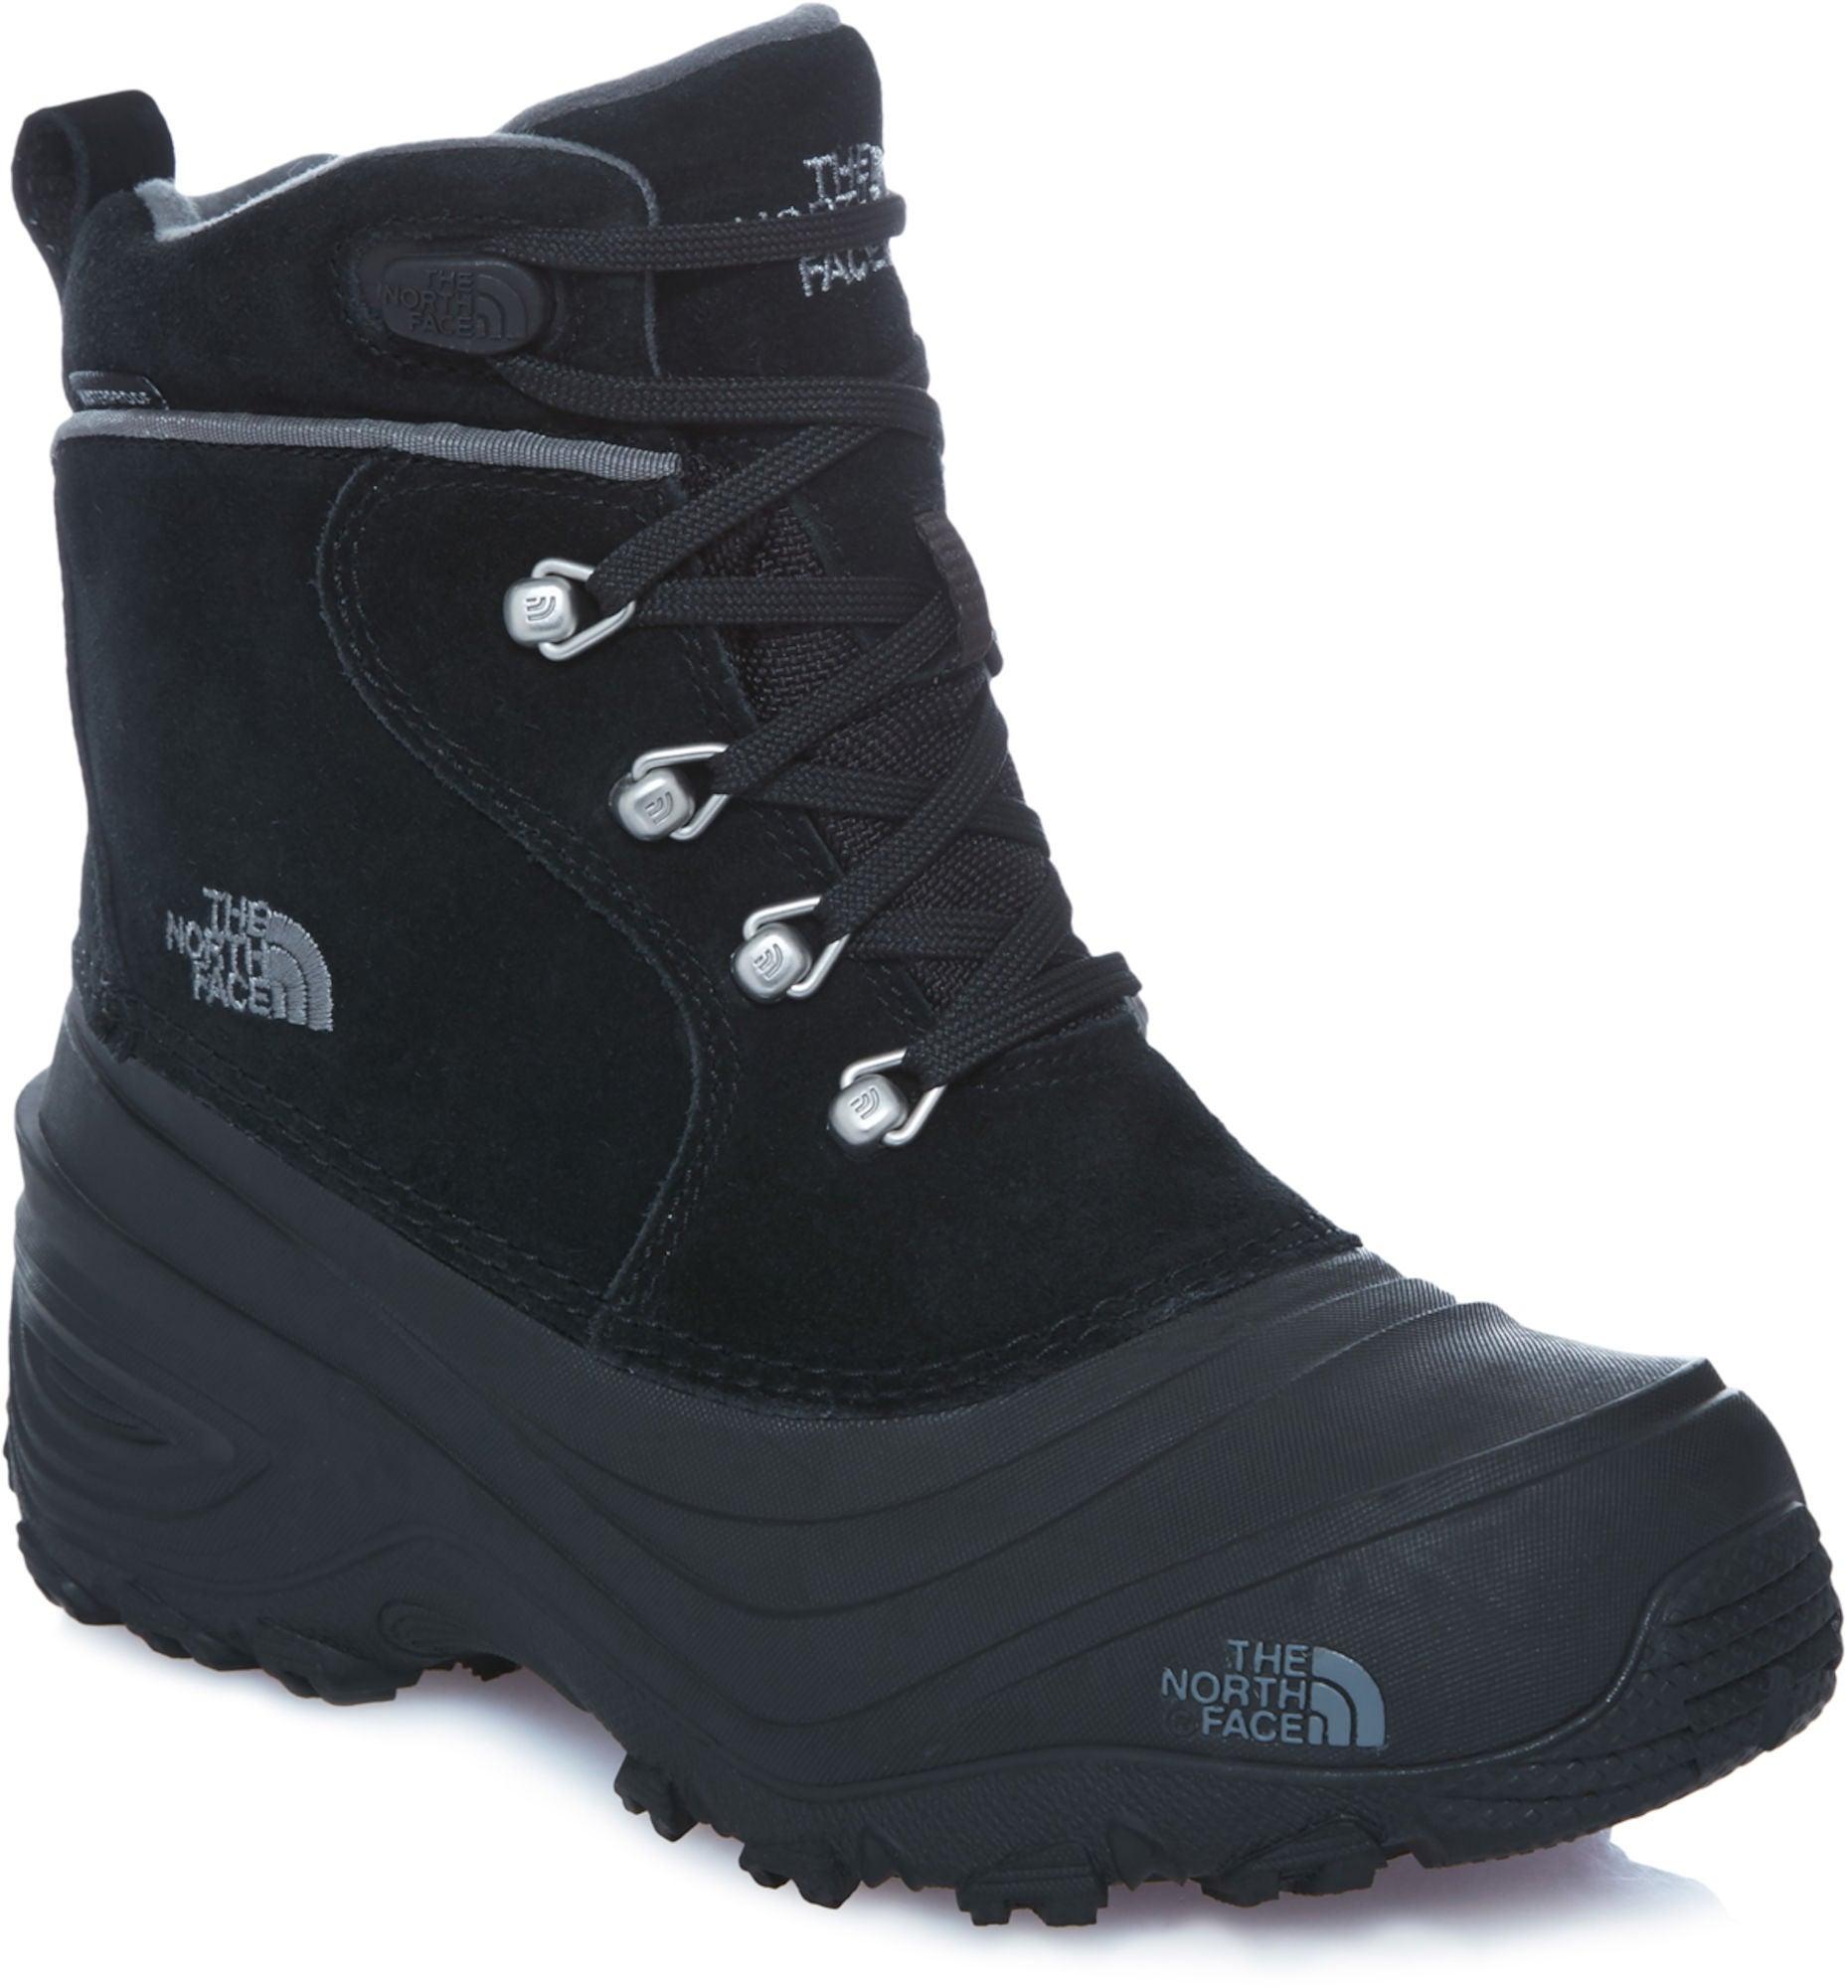 8522d89aff3 Køb The North Face Youth Chilkat Lace II Junior Støvler, TNK Black/Zinc  Grey | Jollyroom